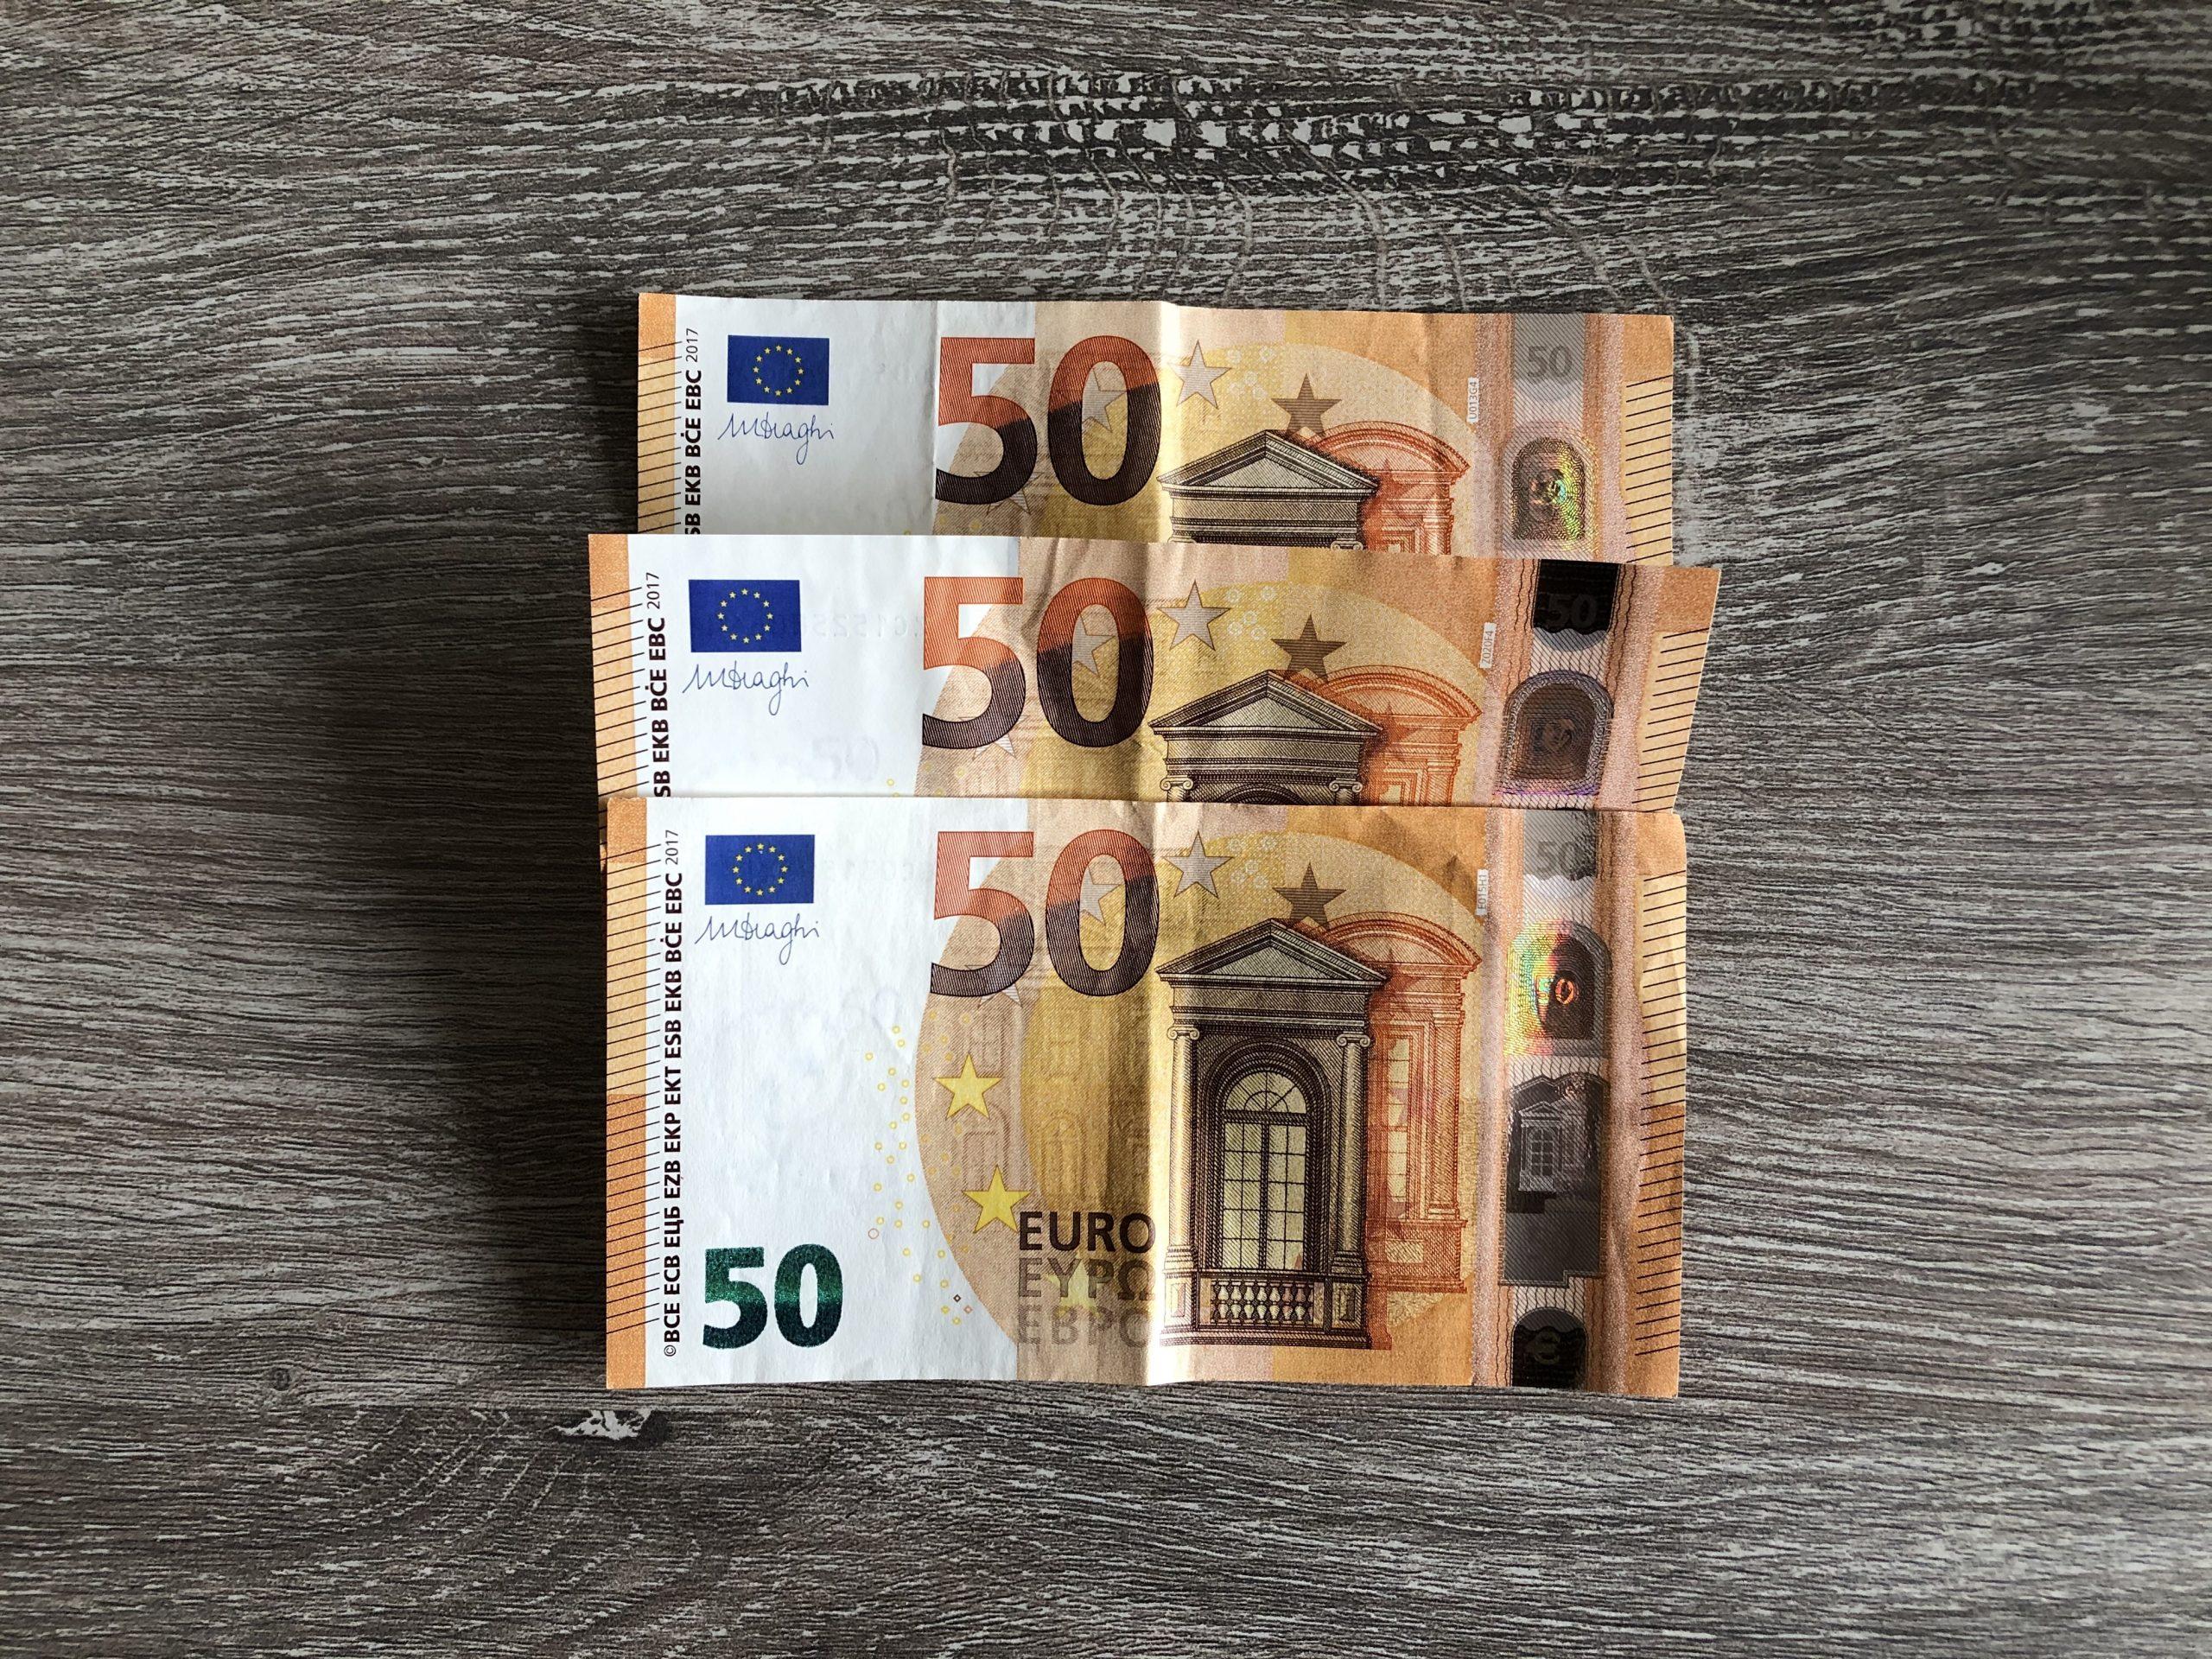 Verbouwgeld gekregen